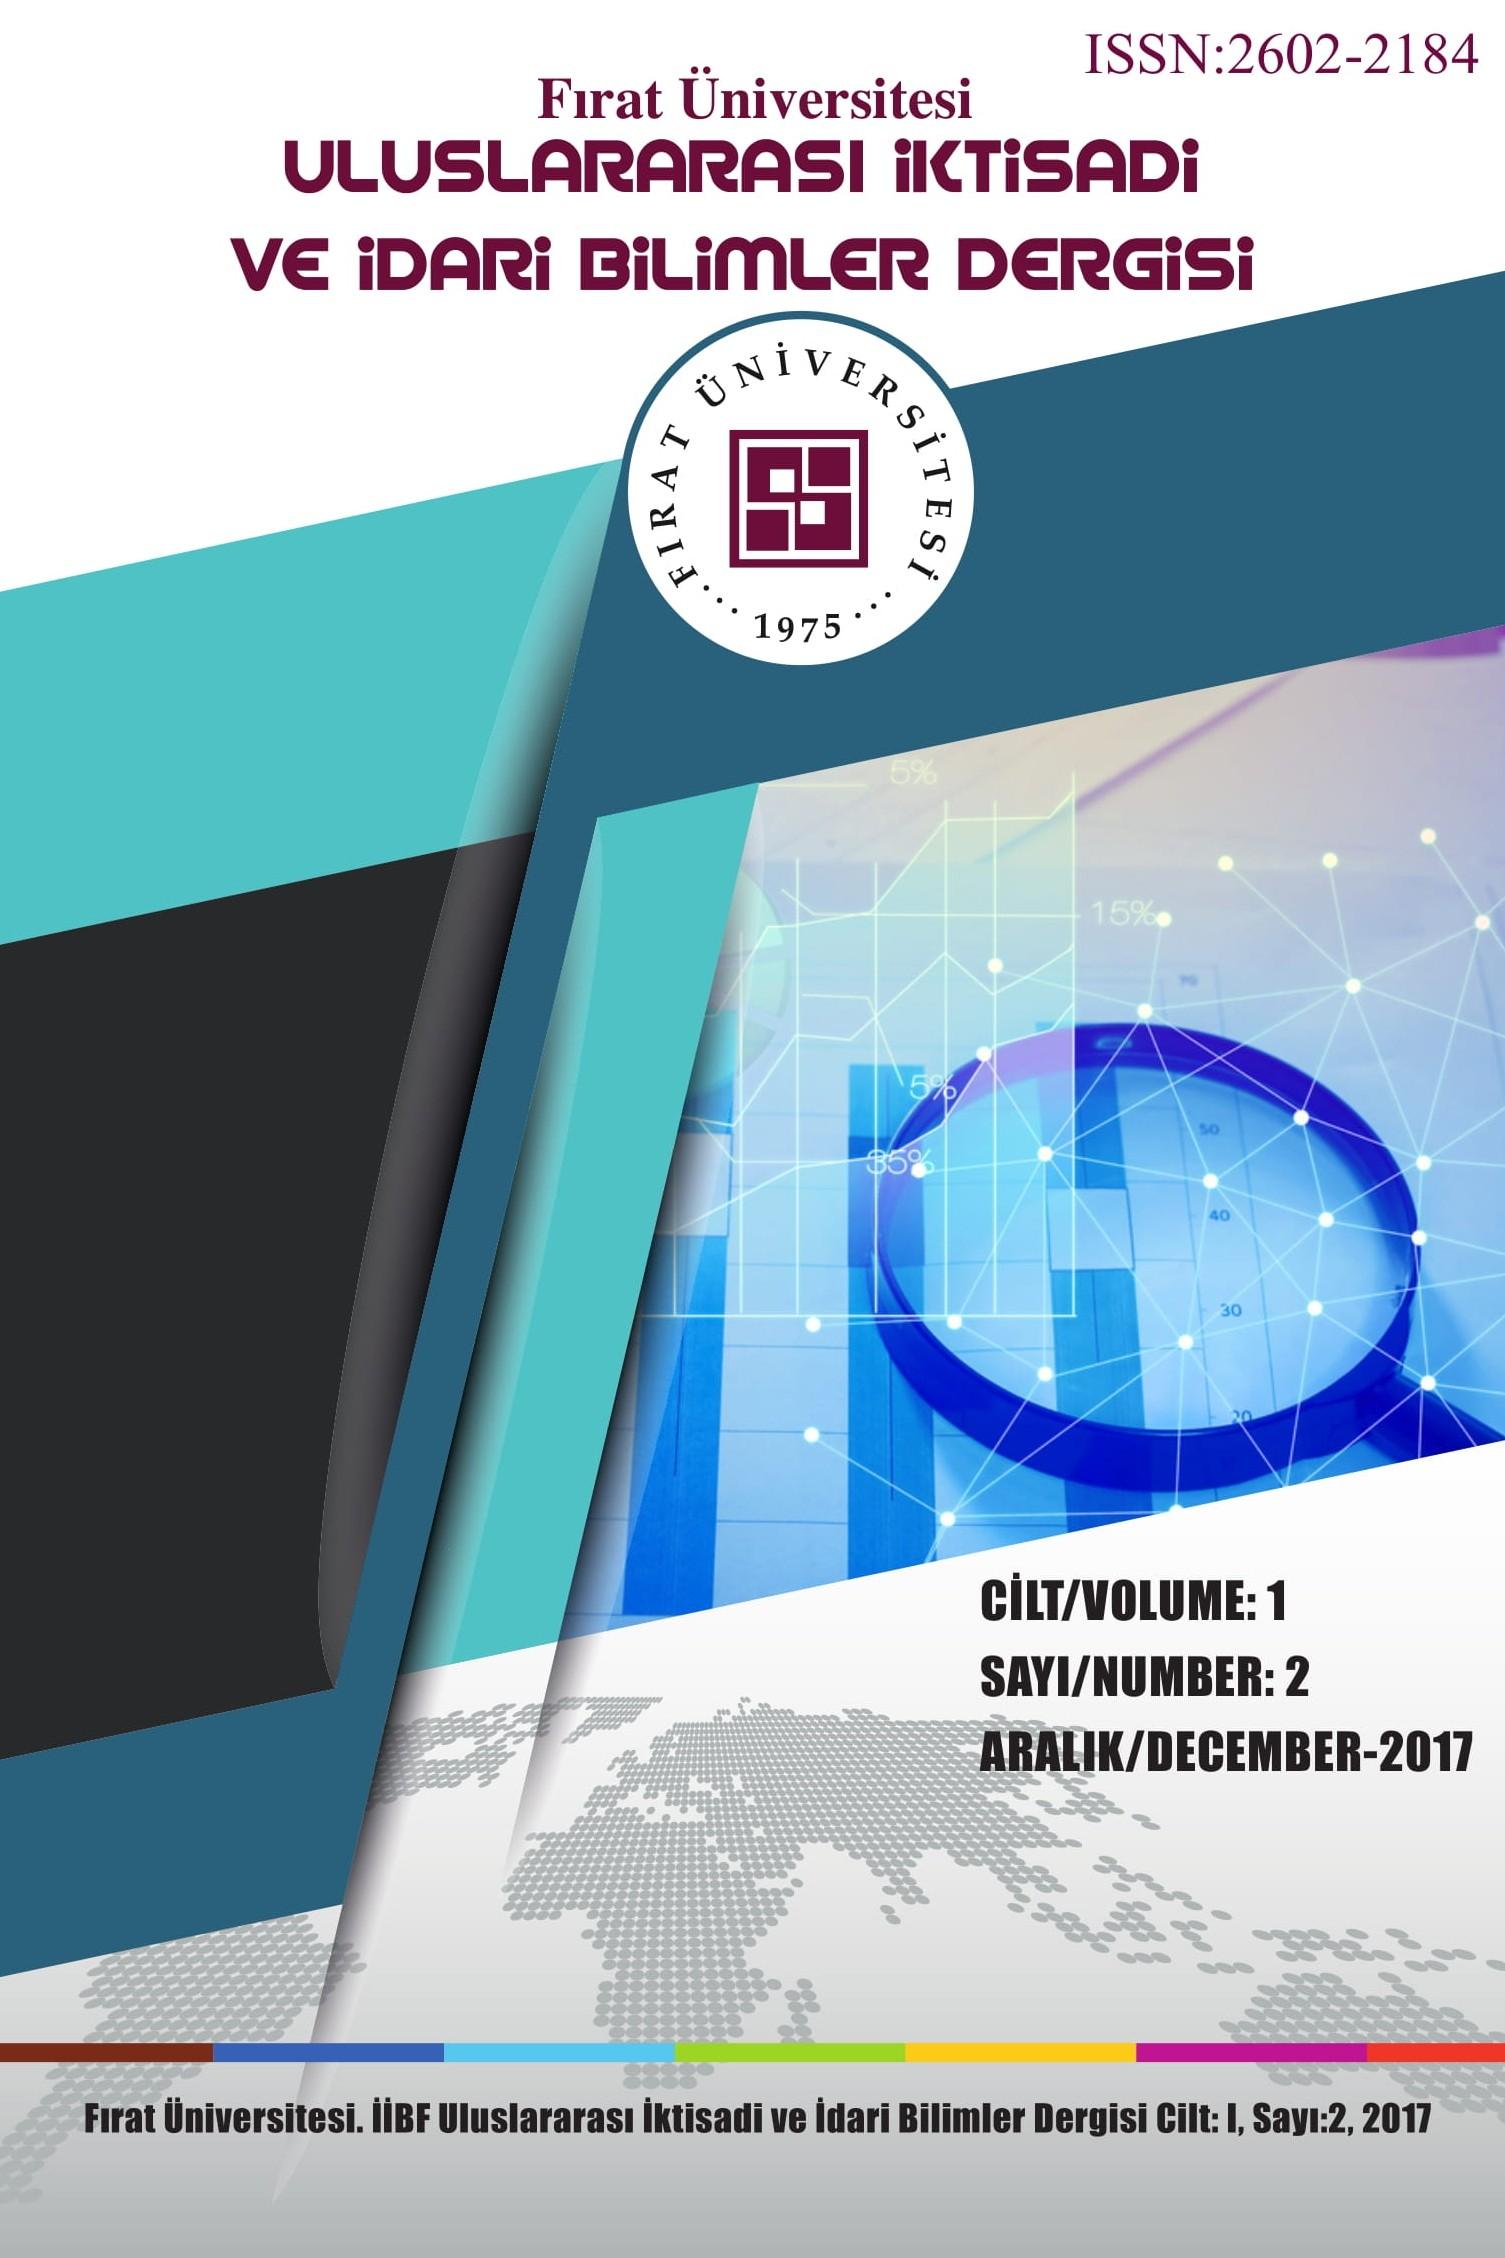 Fırat Üniversitesi Uluslararası İktisadi ve İdari Bilimler Dergisi